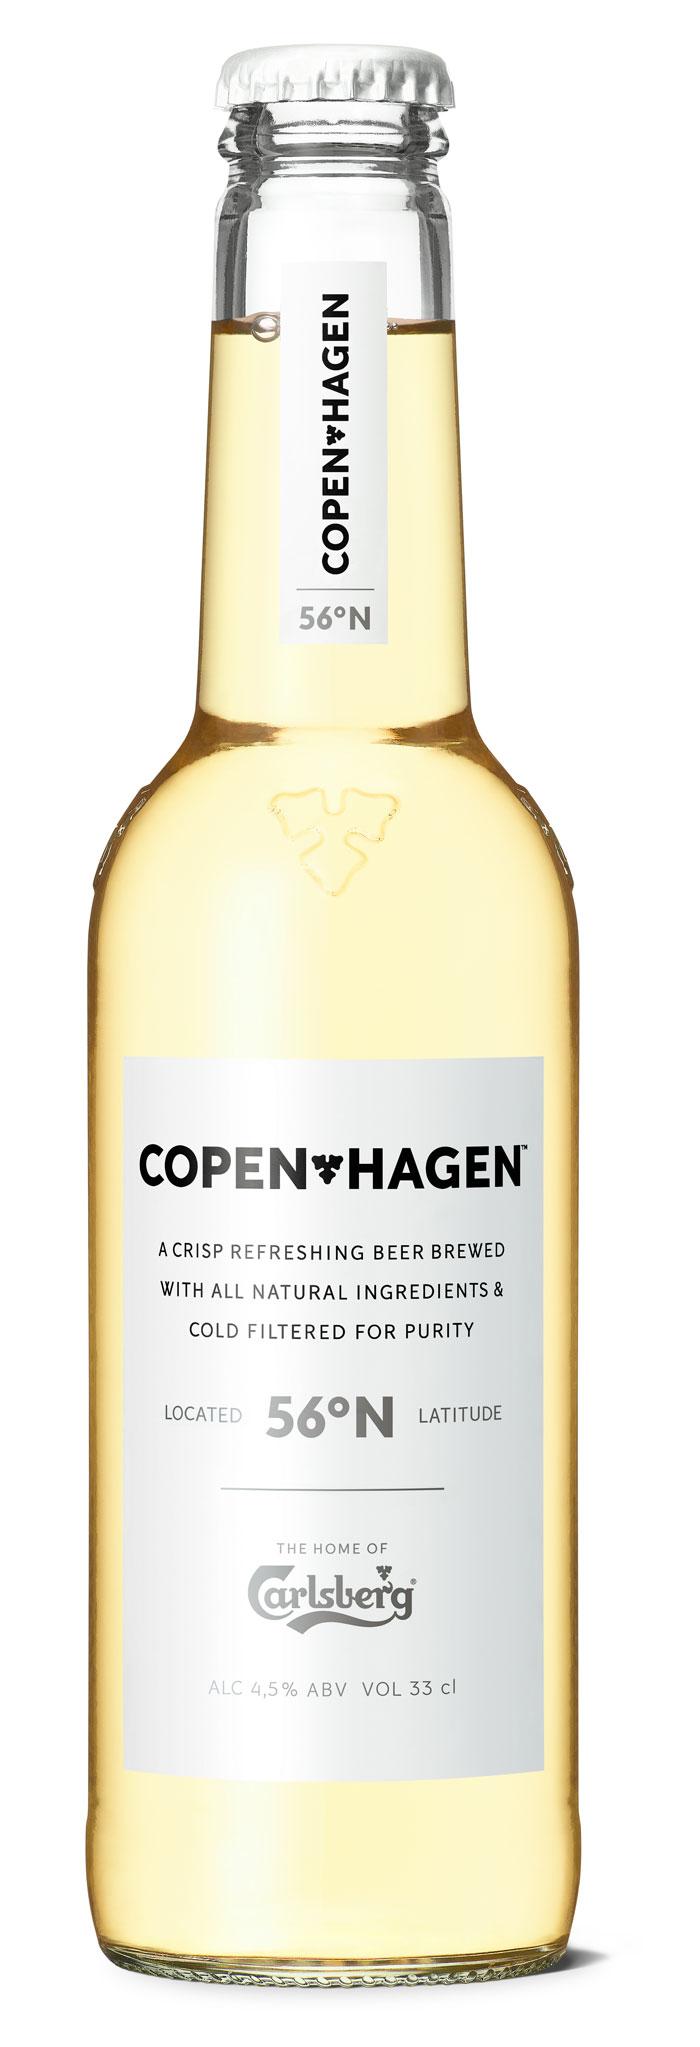 04 07 13 copenhagen 5